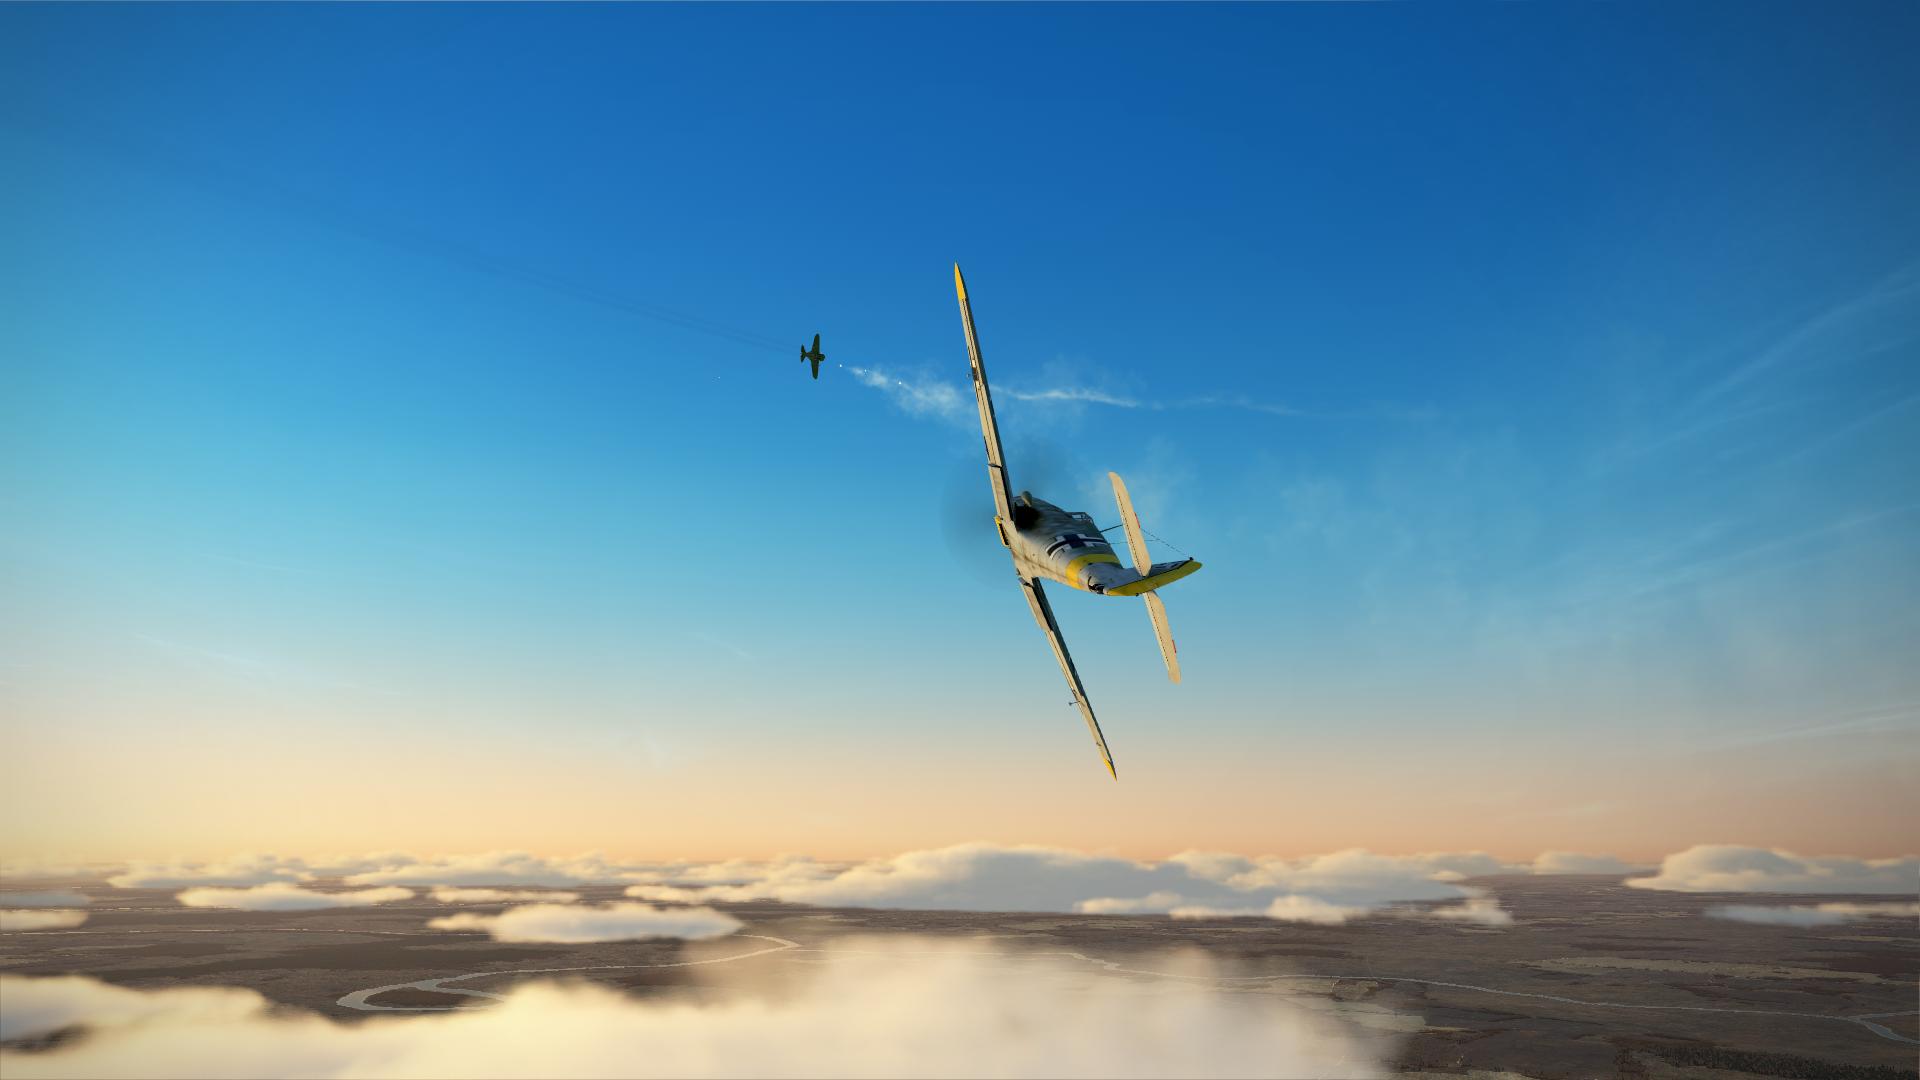 IL-2 Sturmovik Battle of Stalingrad Screenshot 2020.03.24 - 15.27.25.02.png